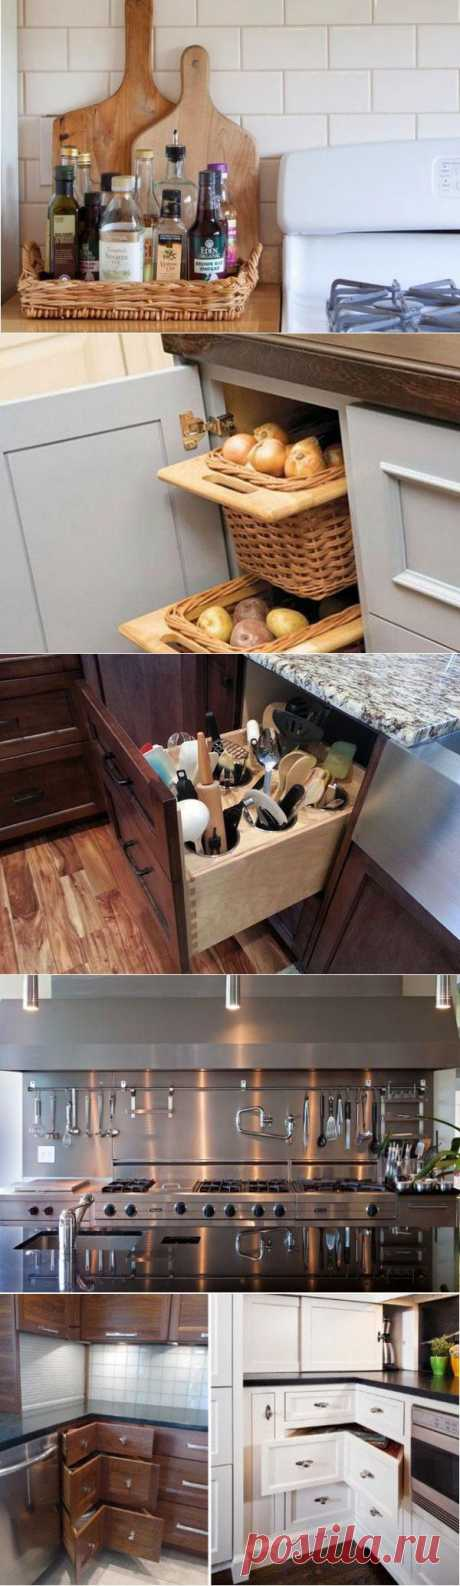 Как оборудовать функциональную кухню | Наш уютный дом